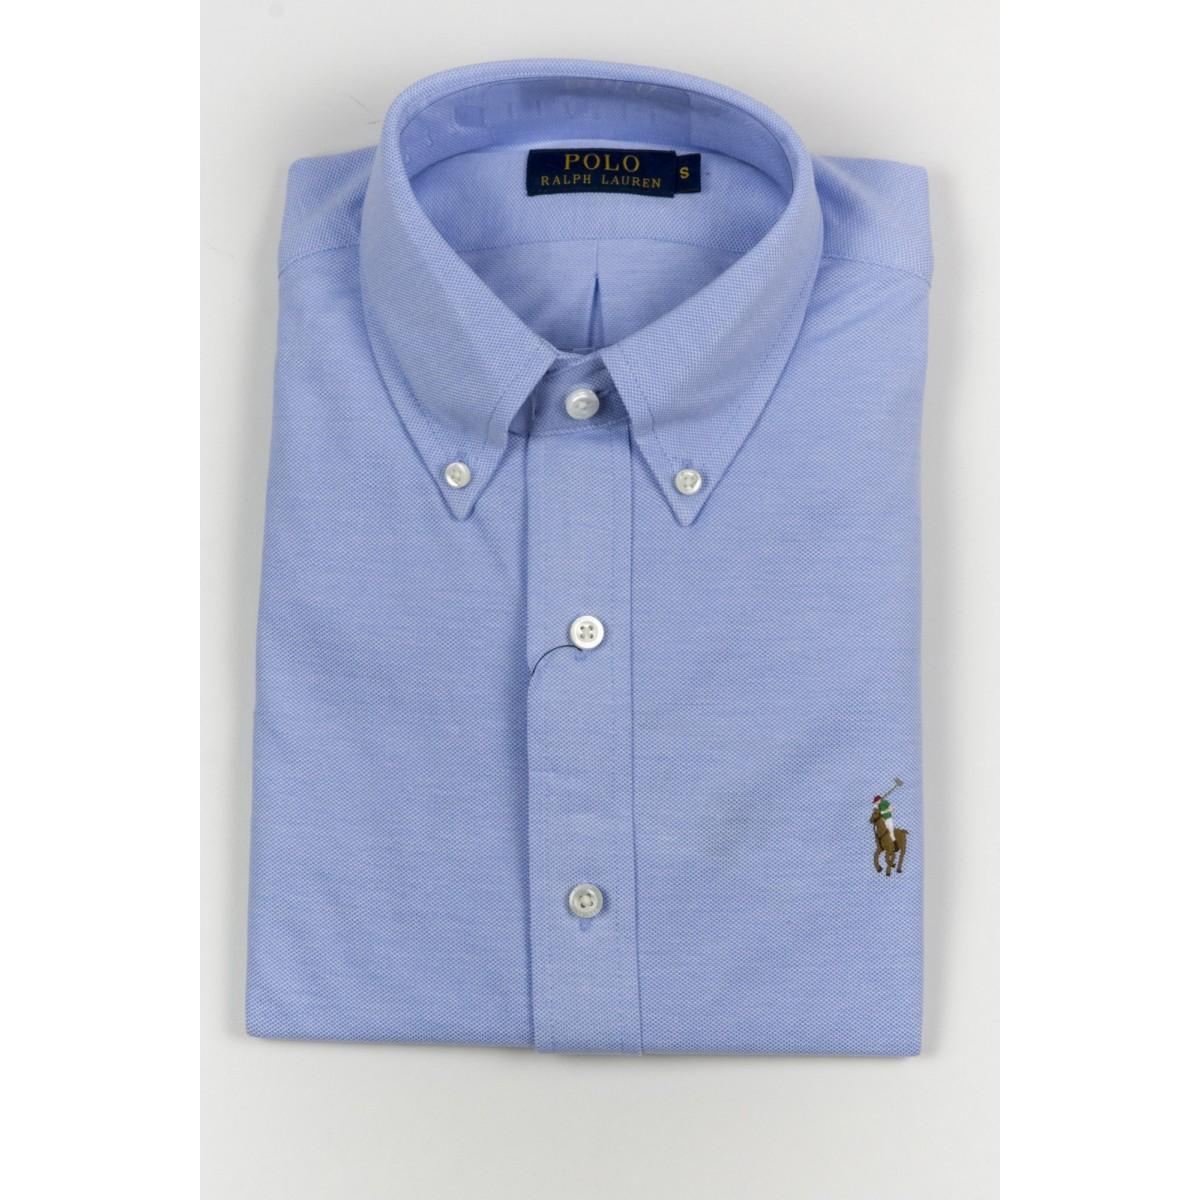 Hemden Ralph Lauren Manner - A18Kscn7Cggfq D4QXC - azzurro